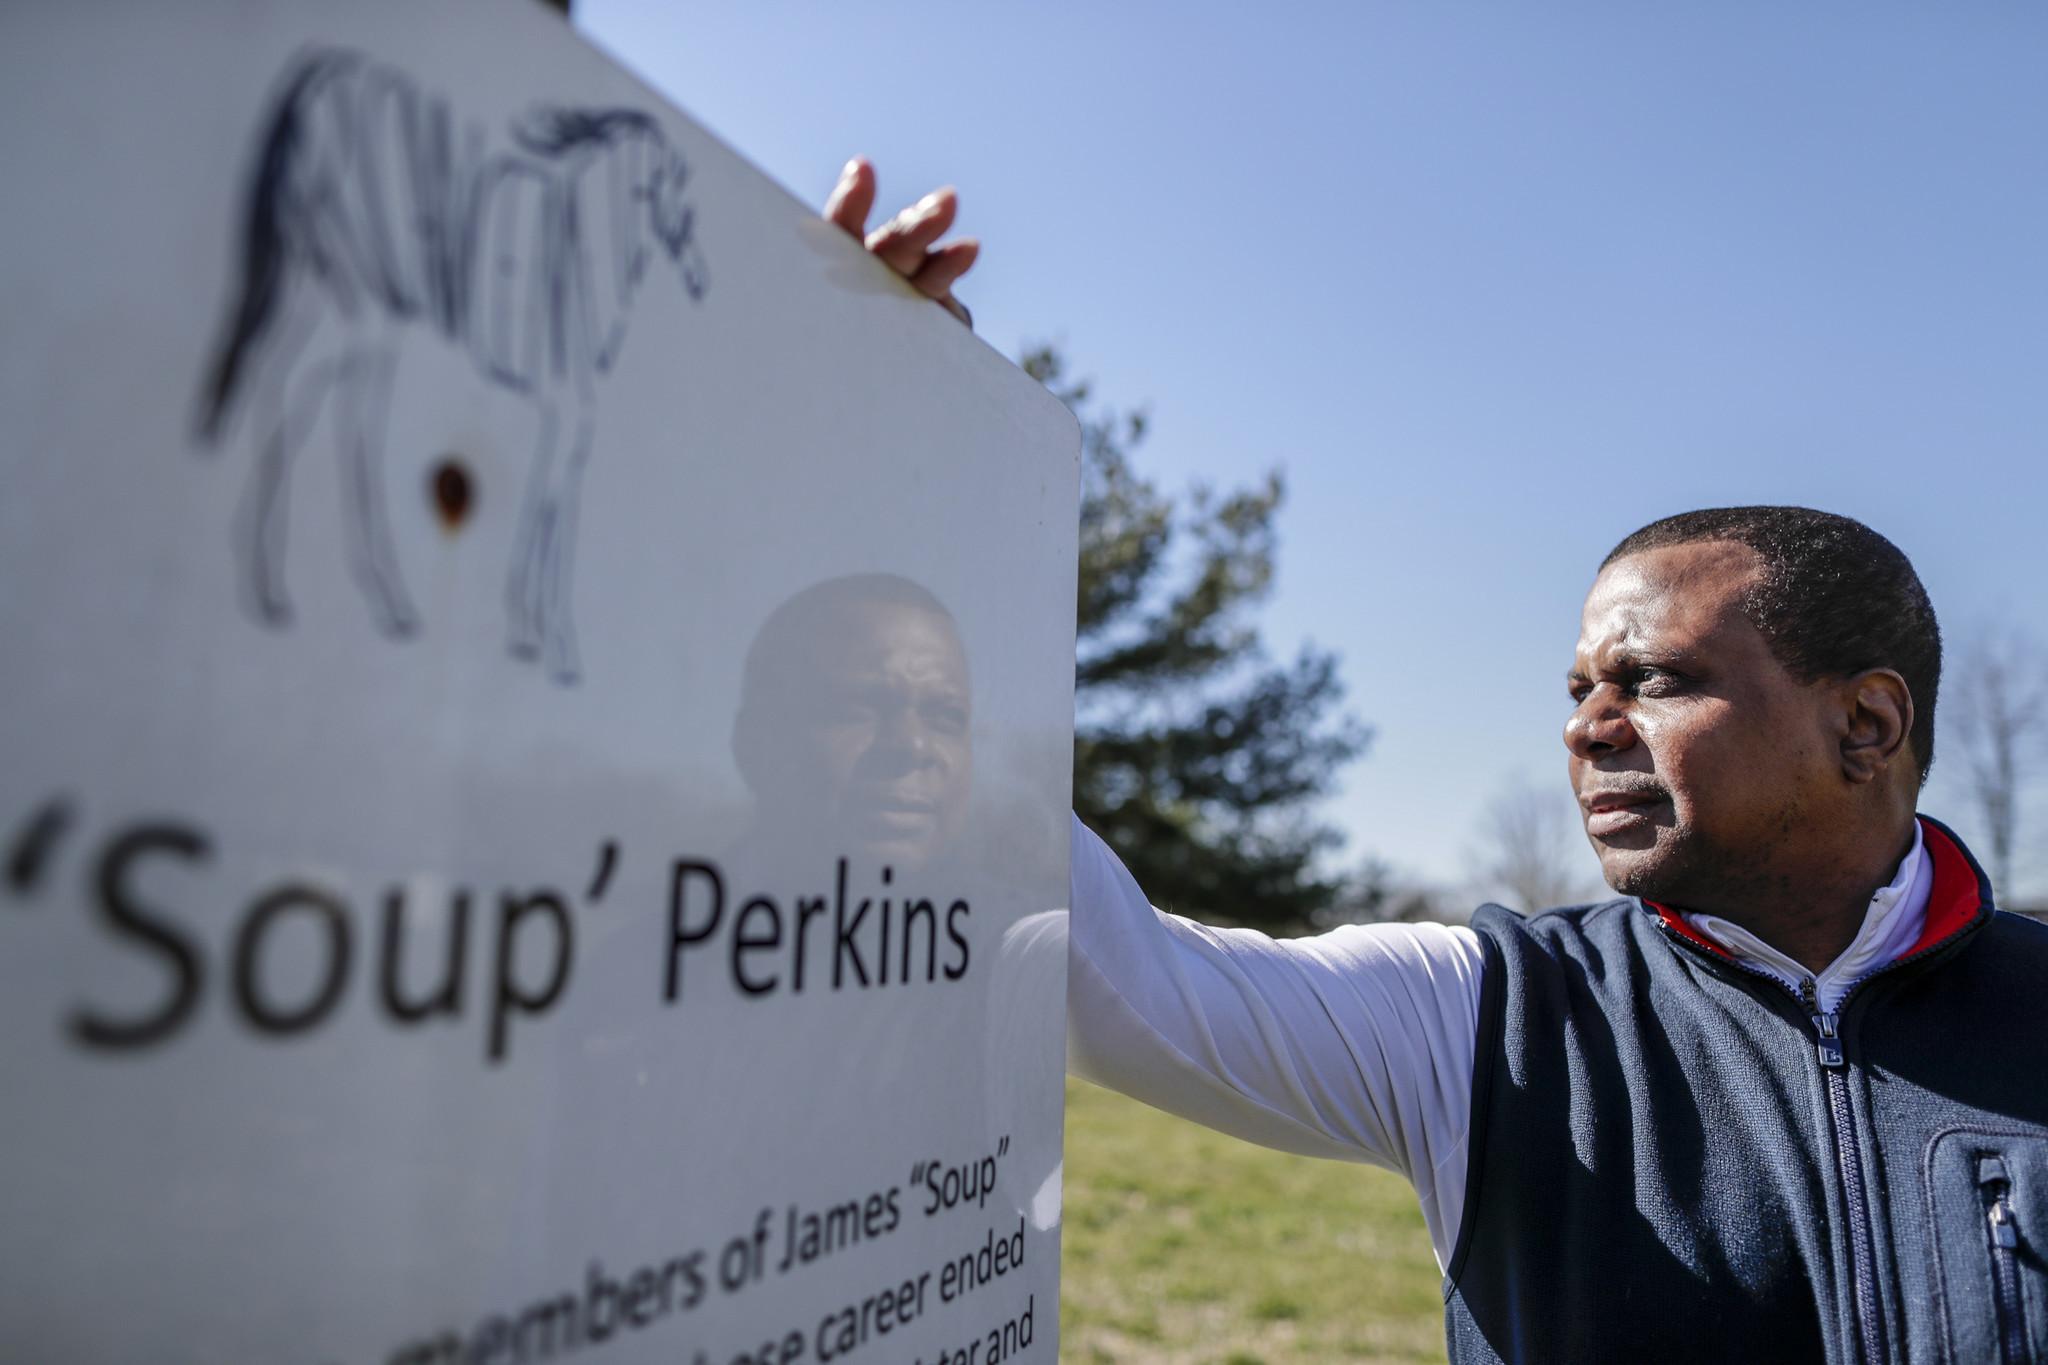 Leon Nichols at a sign honoring James Perkins